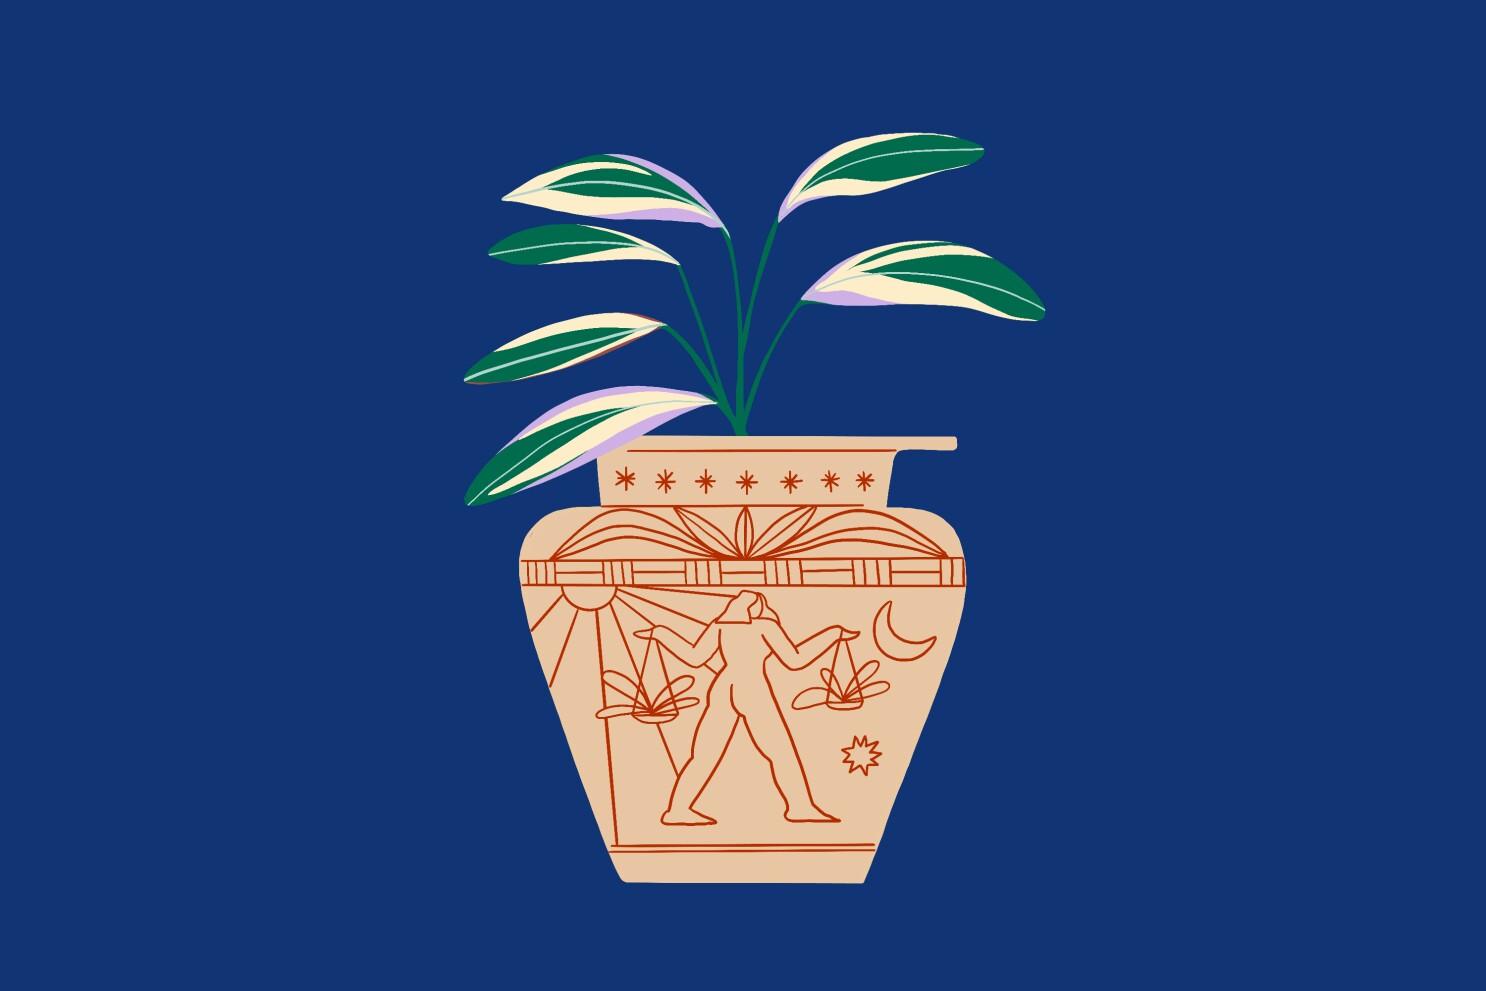 La Mejor Planta De Interior Para Su Signo Del Zodiaco Los Angeles Times